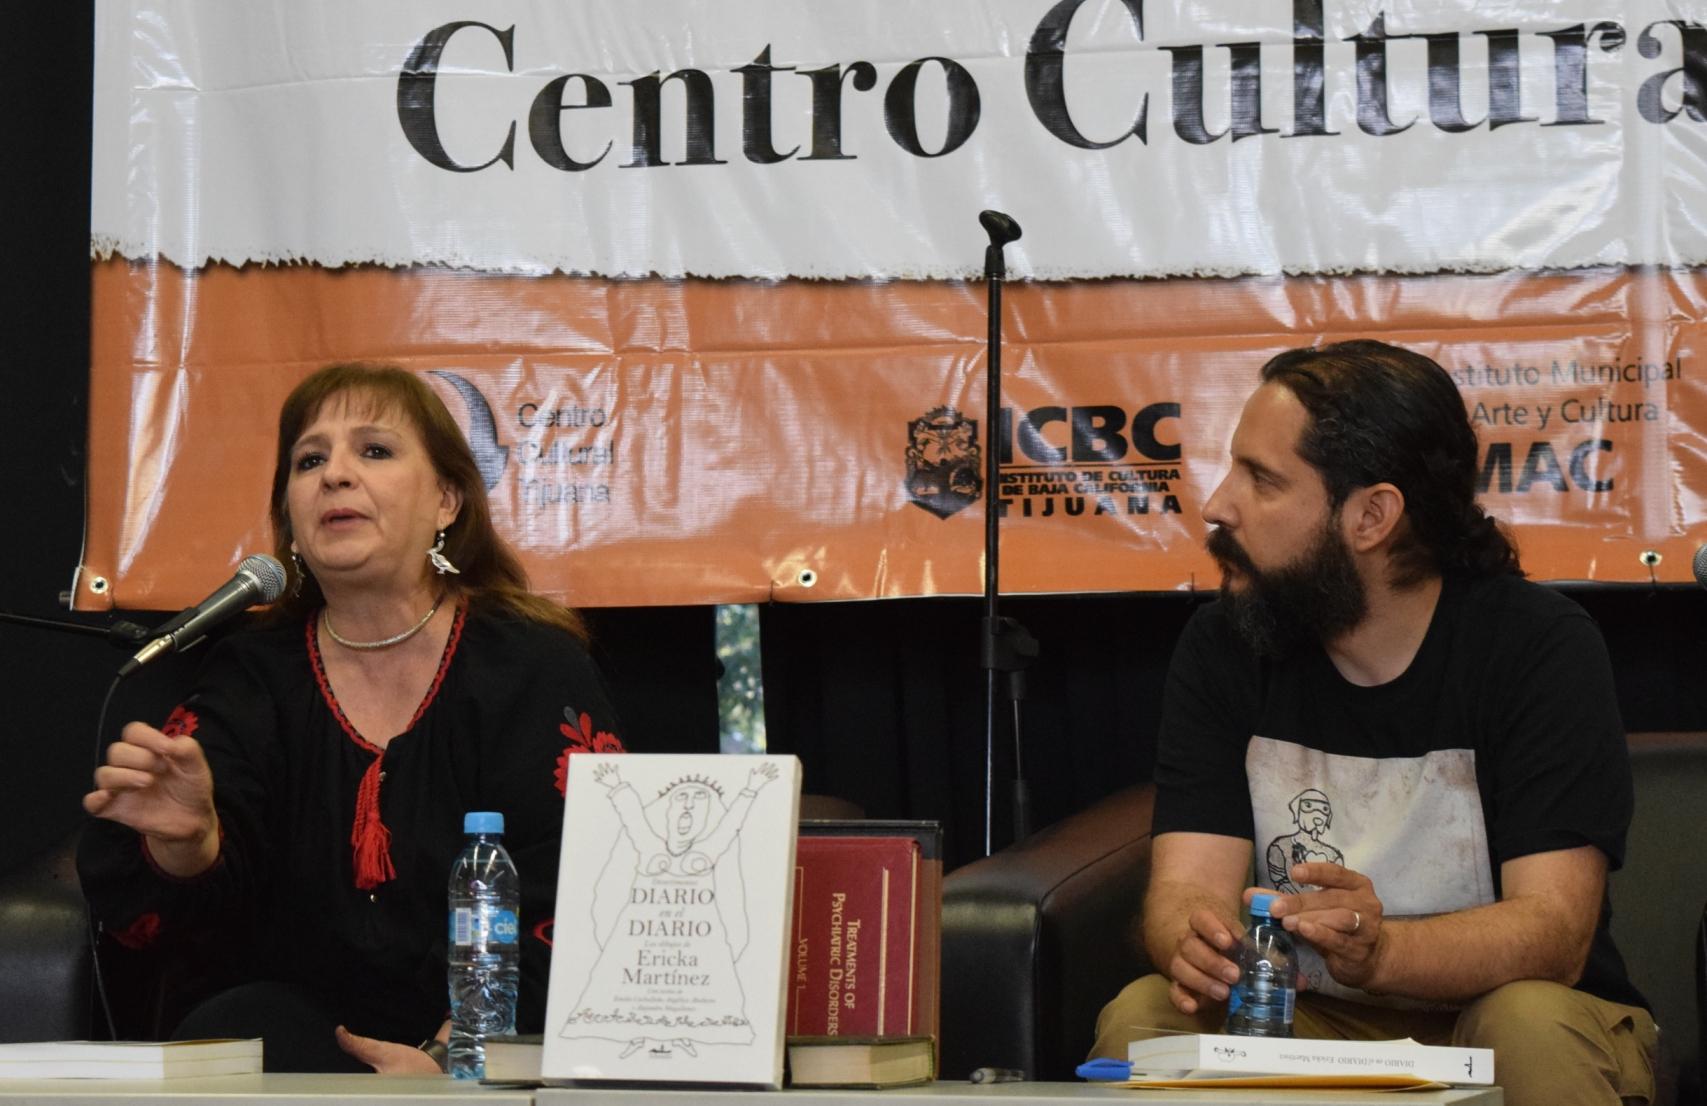 Diario_en_el_diario_Ericka_Martínez